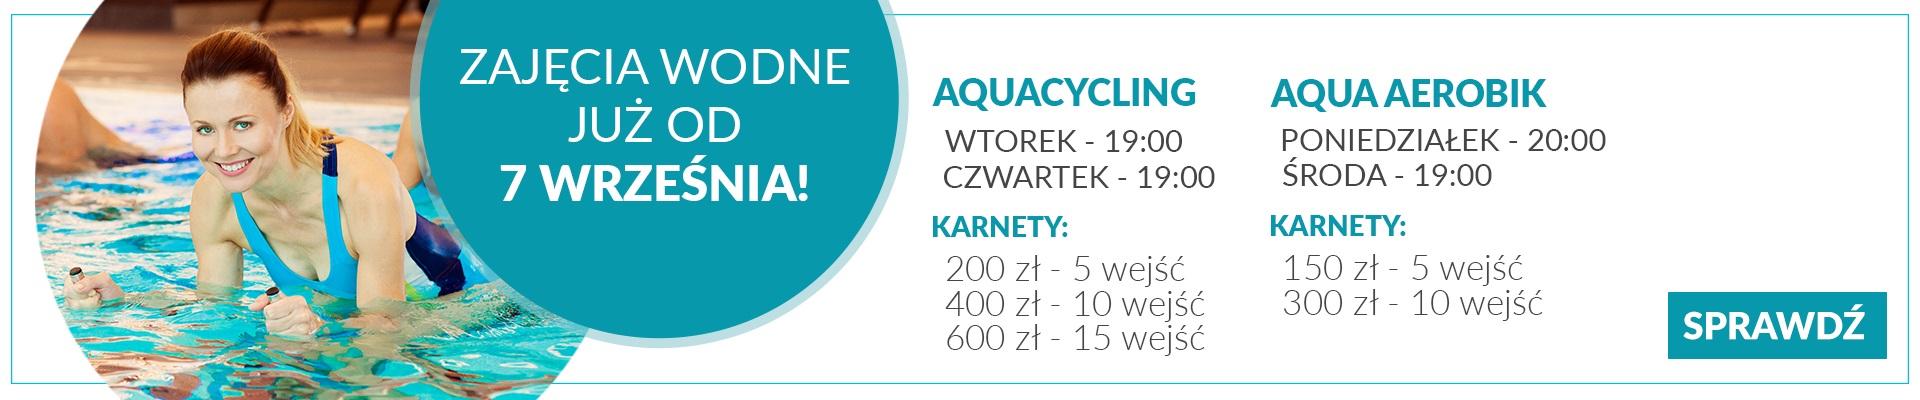 aquacycling start zapisów